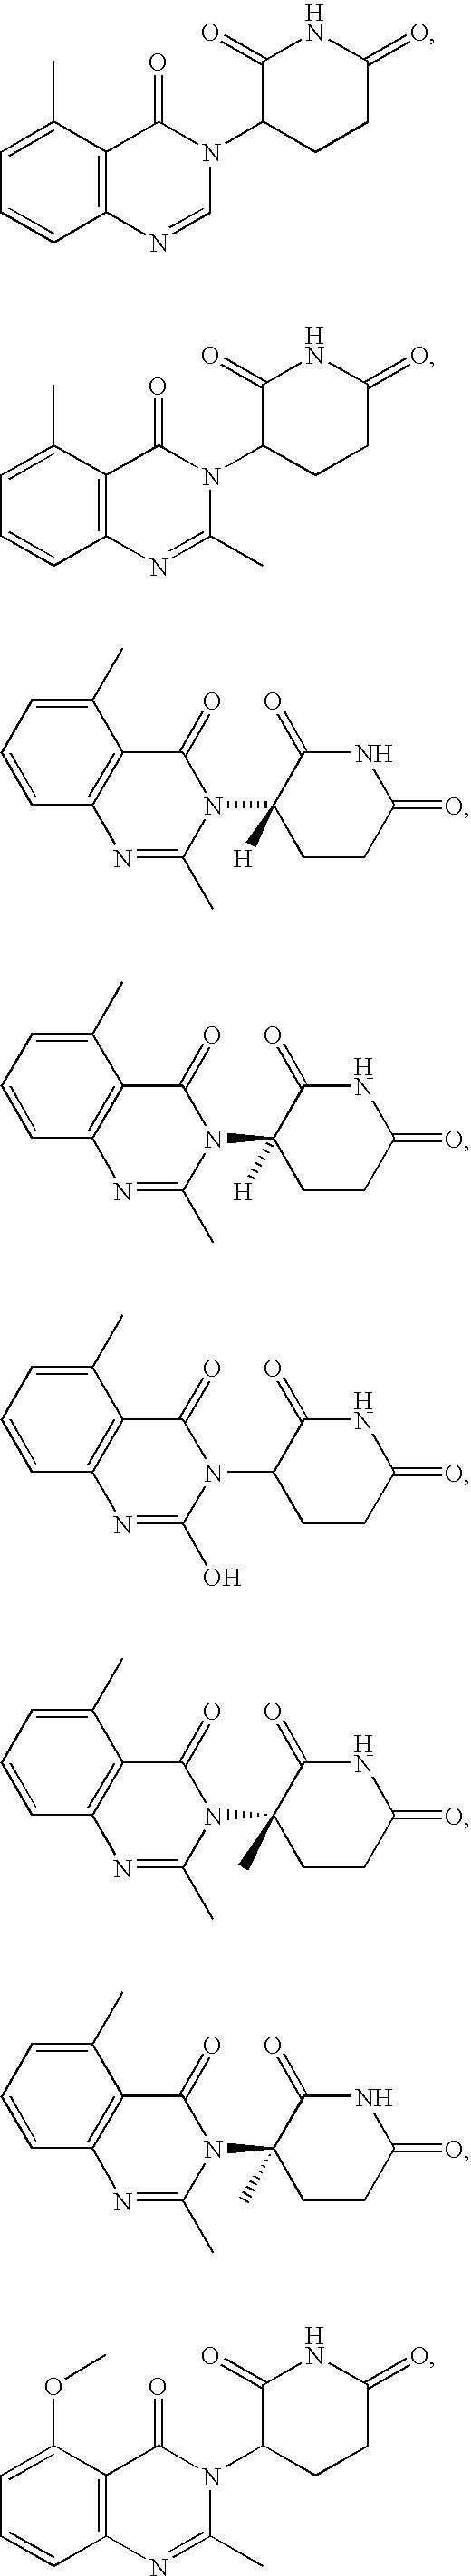 Figure US07635700-20091222-C00004